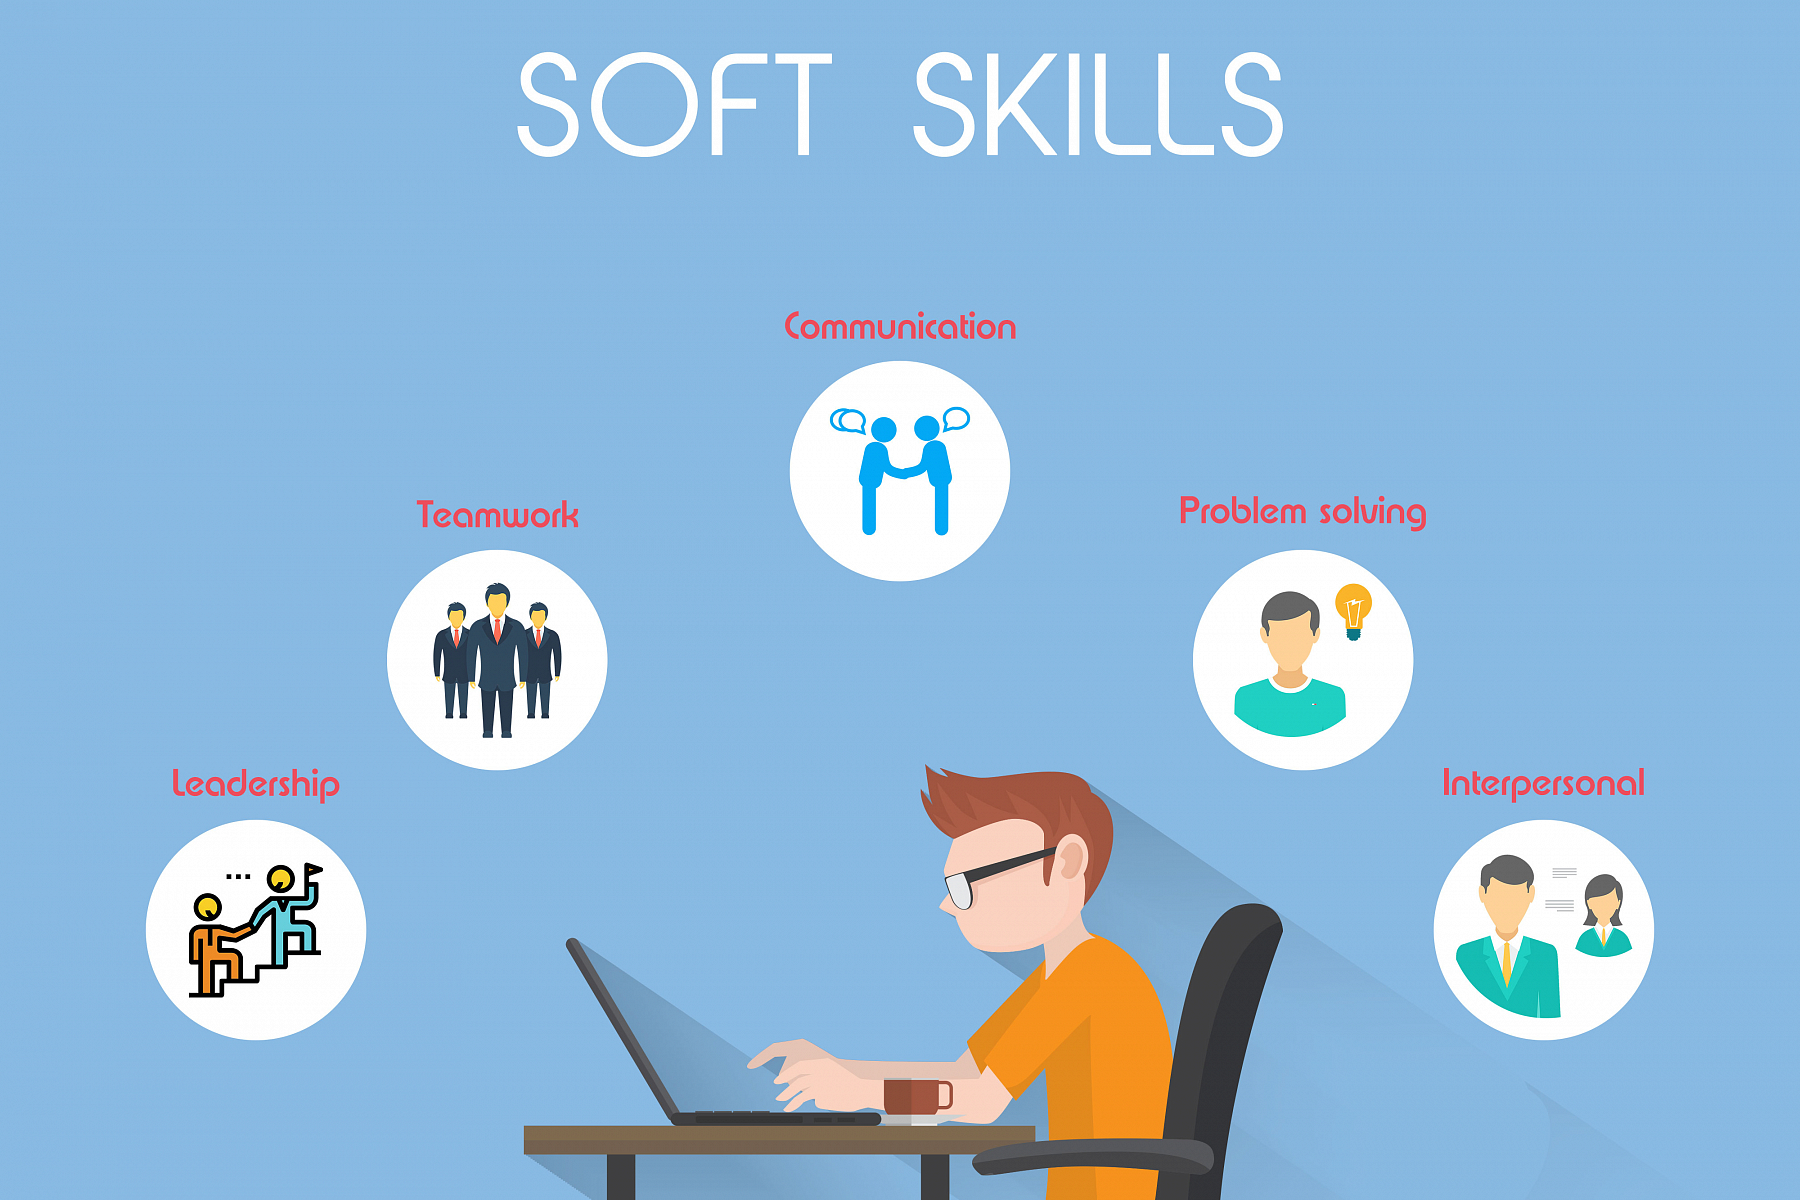 Почему важно развивать soft skills и как в этом поможет нетология | медиа нетологии: университет интернет-профессий